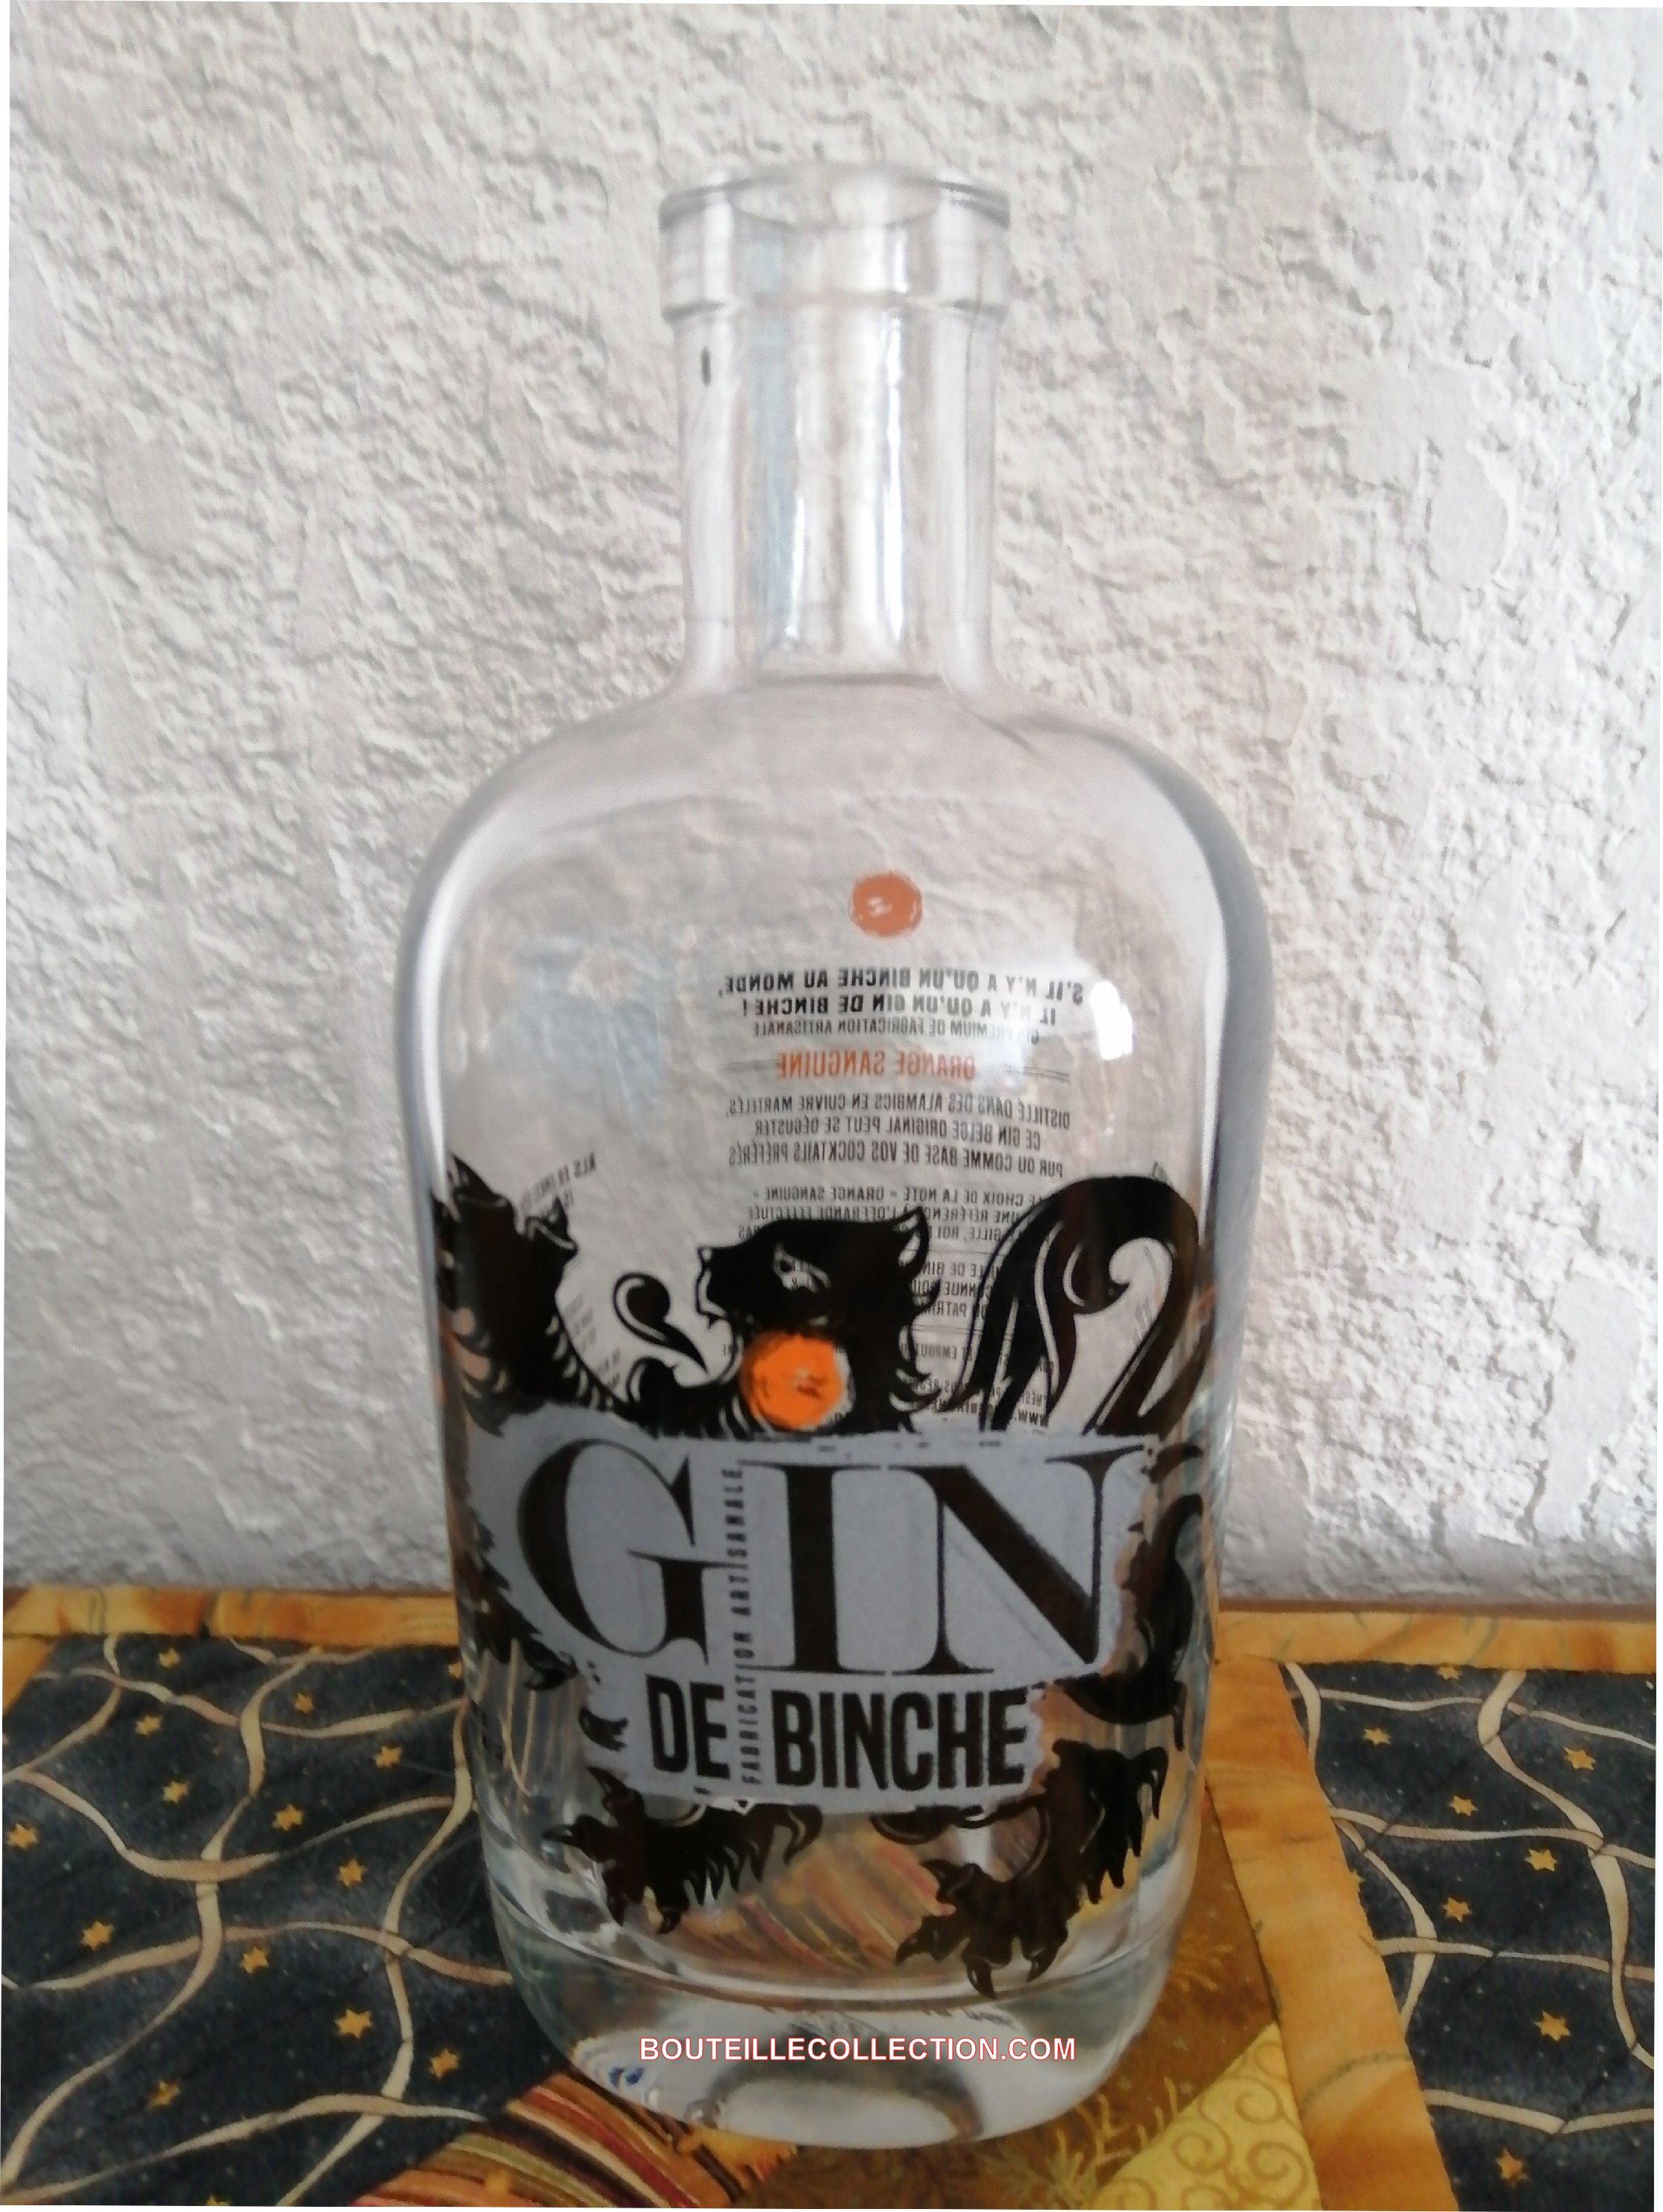 GIN DE BINCHE 70CL B .jpg